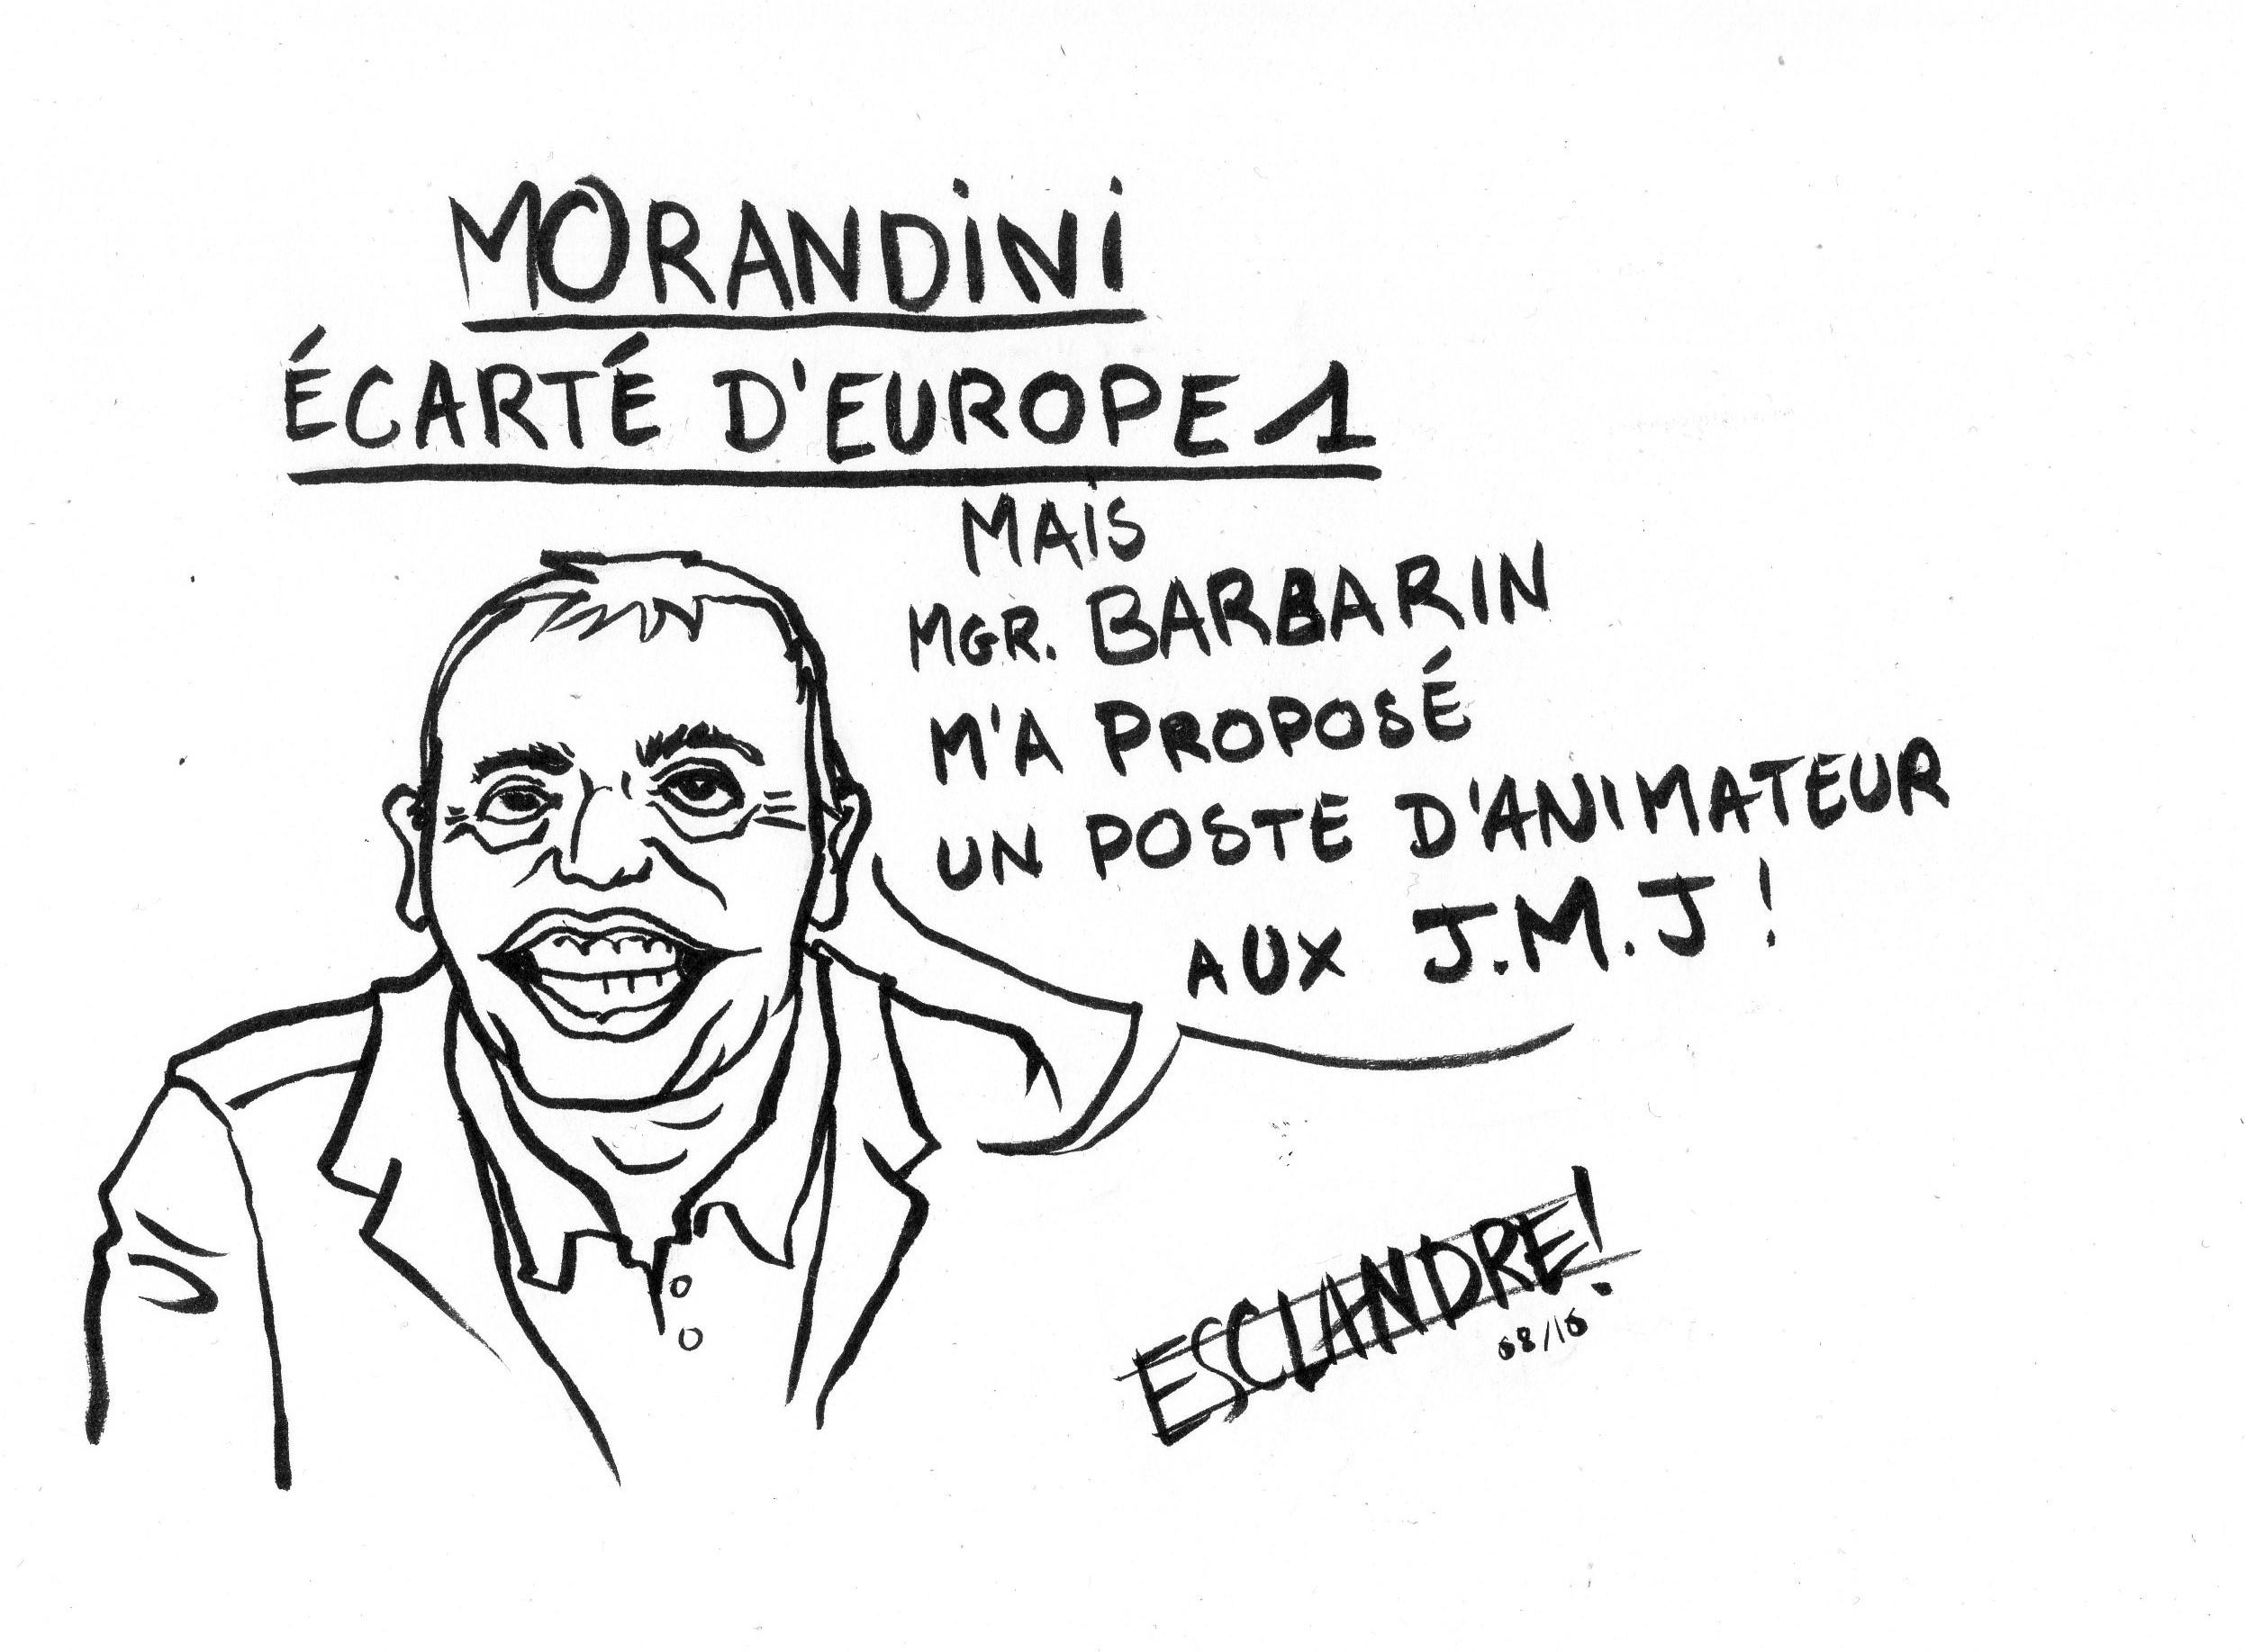 Morandini écarté d'Europe 1